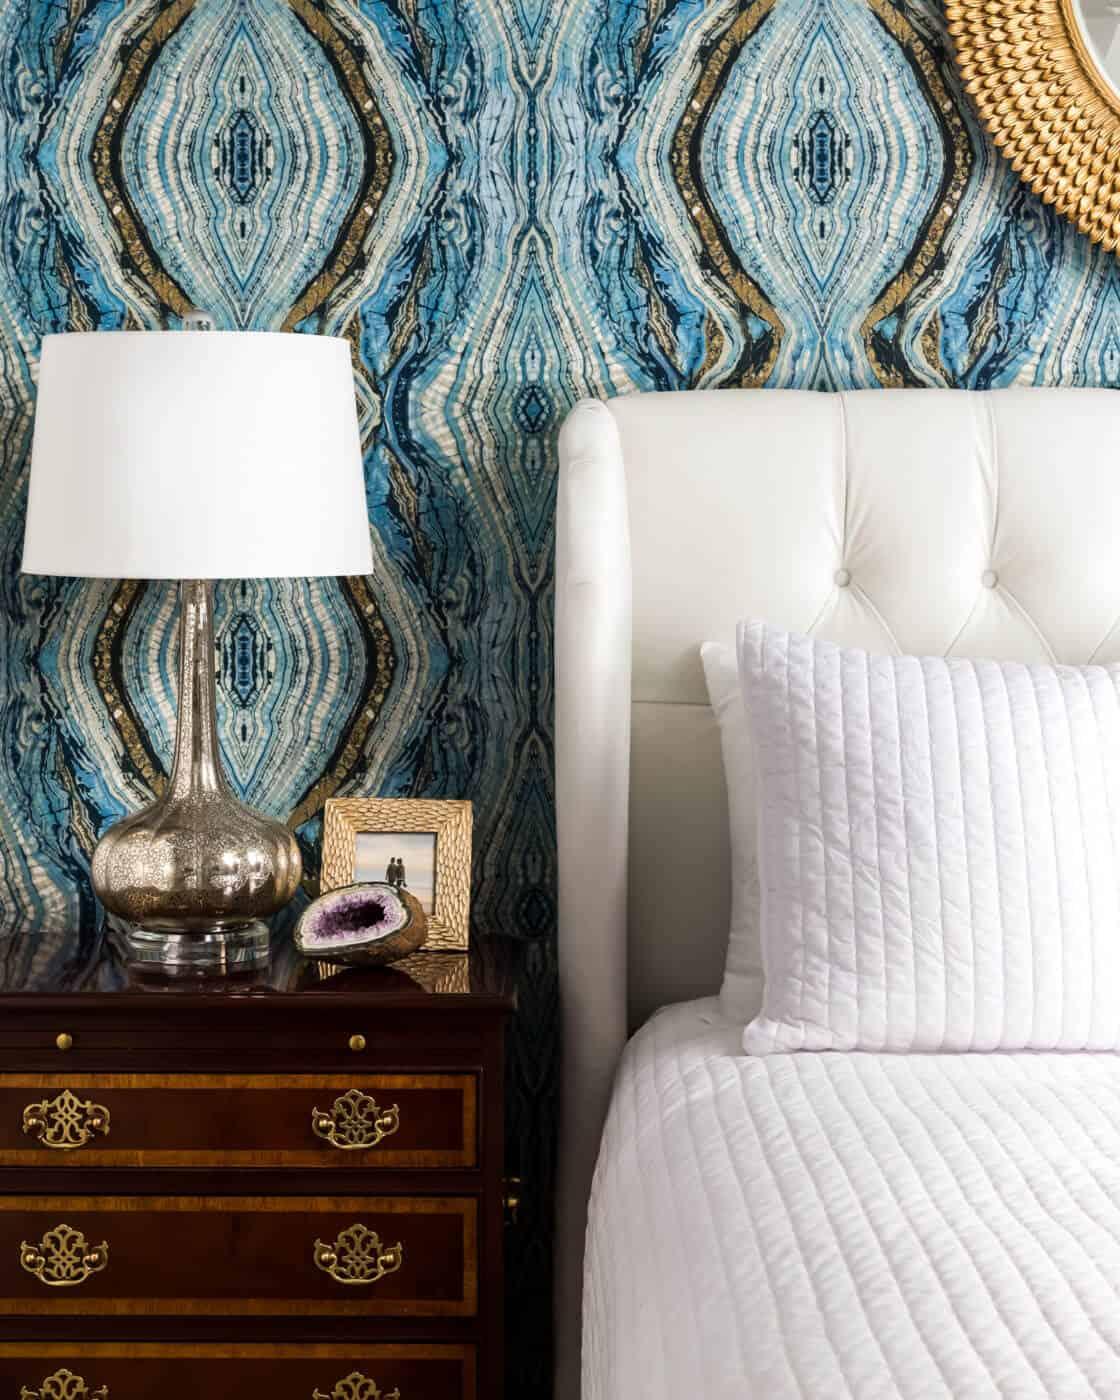 Affordable home decorating & remodel design services San